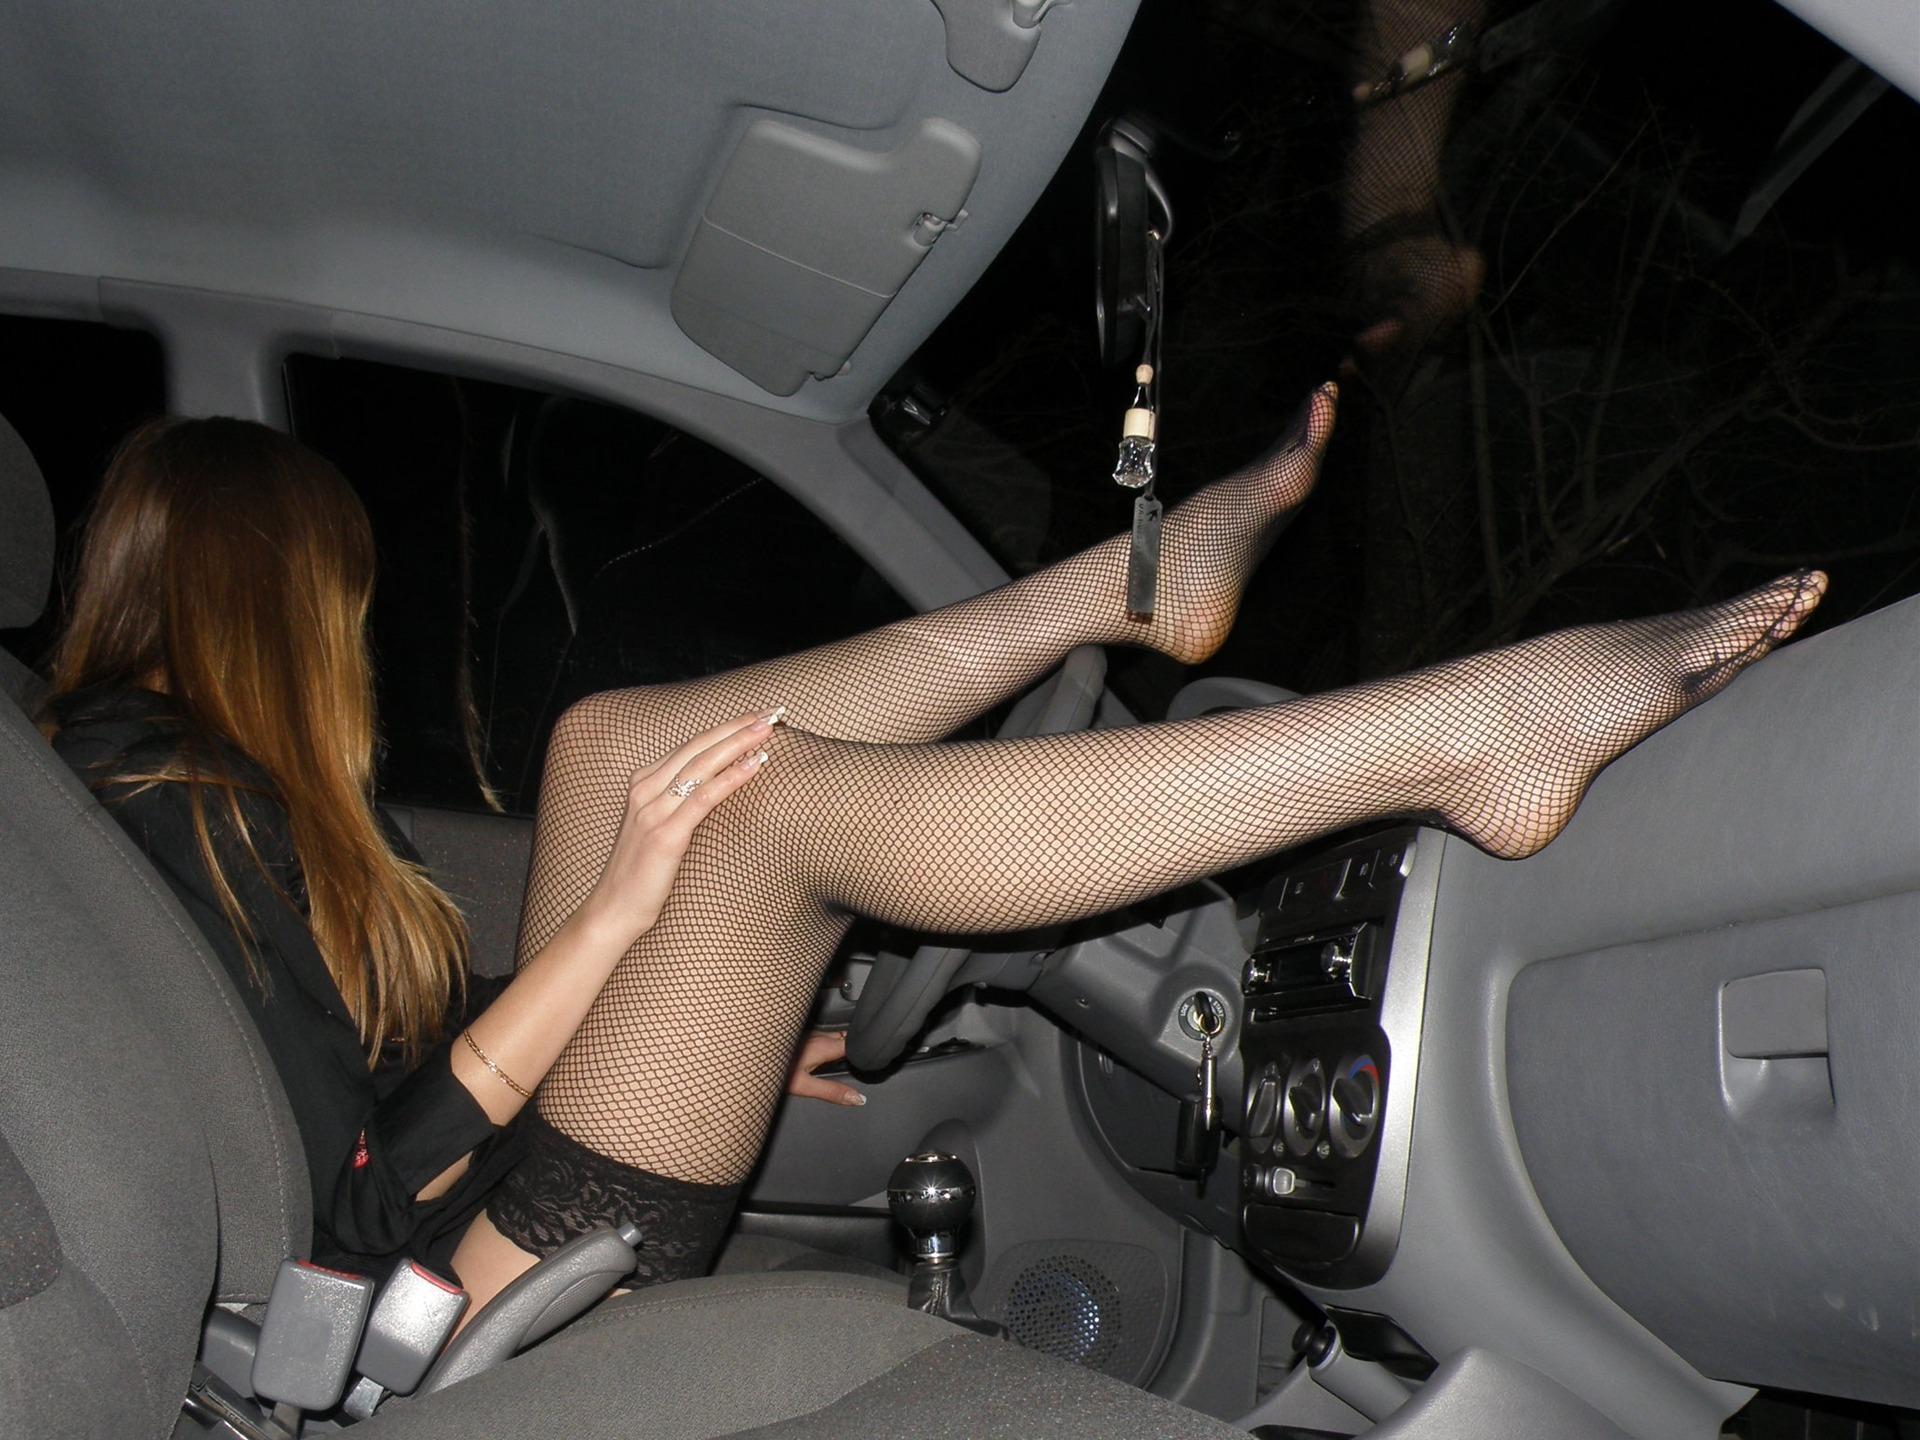 Пьяная в машине раздевается до гола  663930